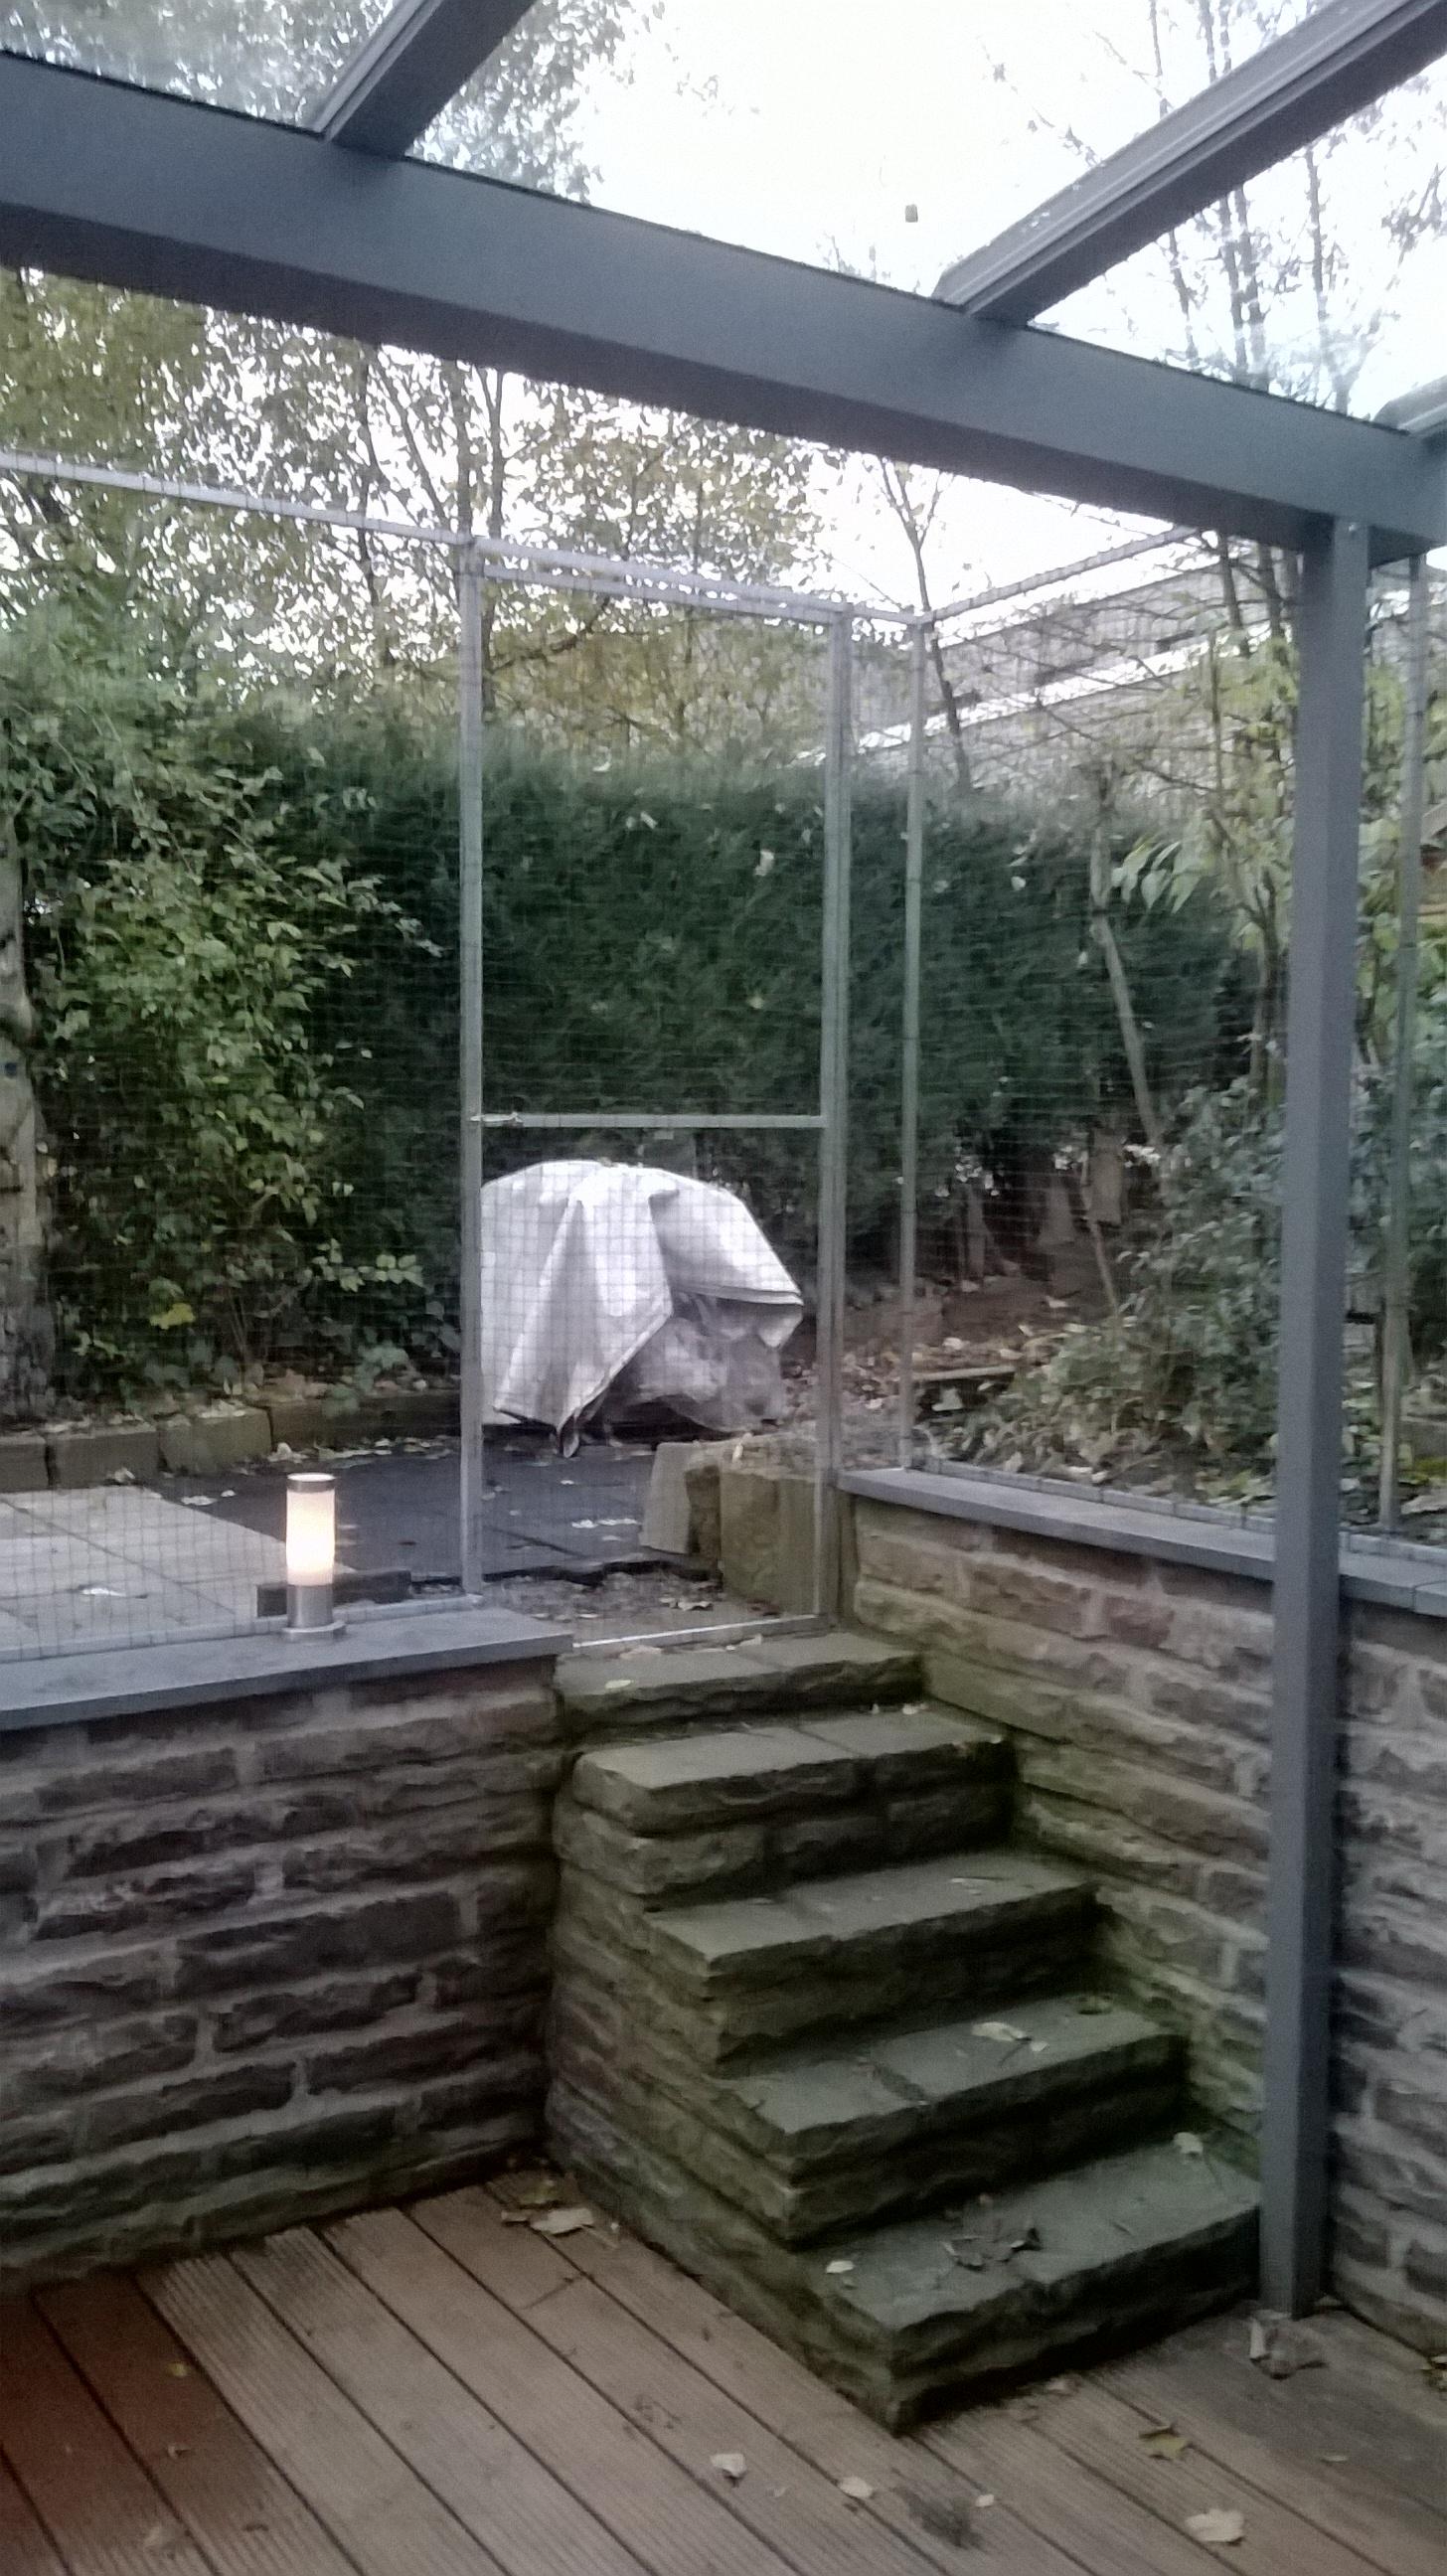 terrasse im ruhrgebiet katzensicher gemacht vom fachmann f r katzennetz anbringen. Black Bedroom Furniture Sets. Home Design Ideas